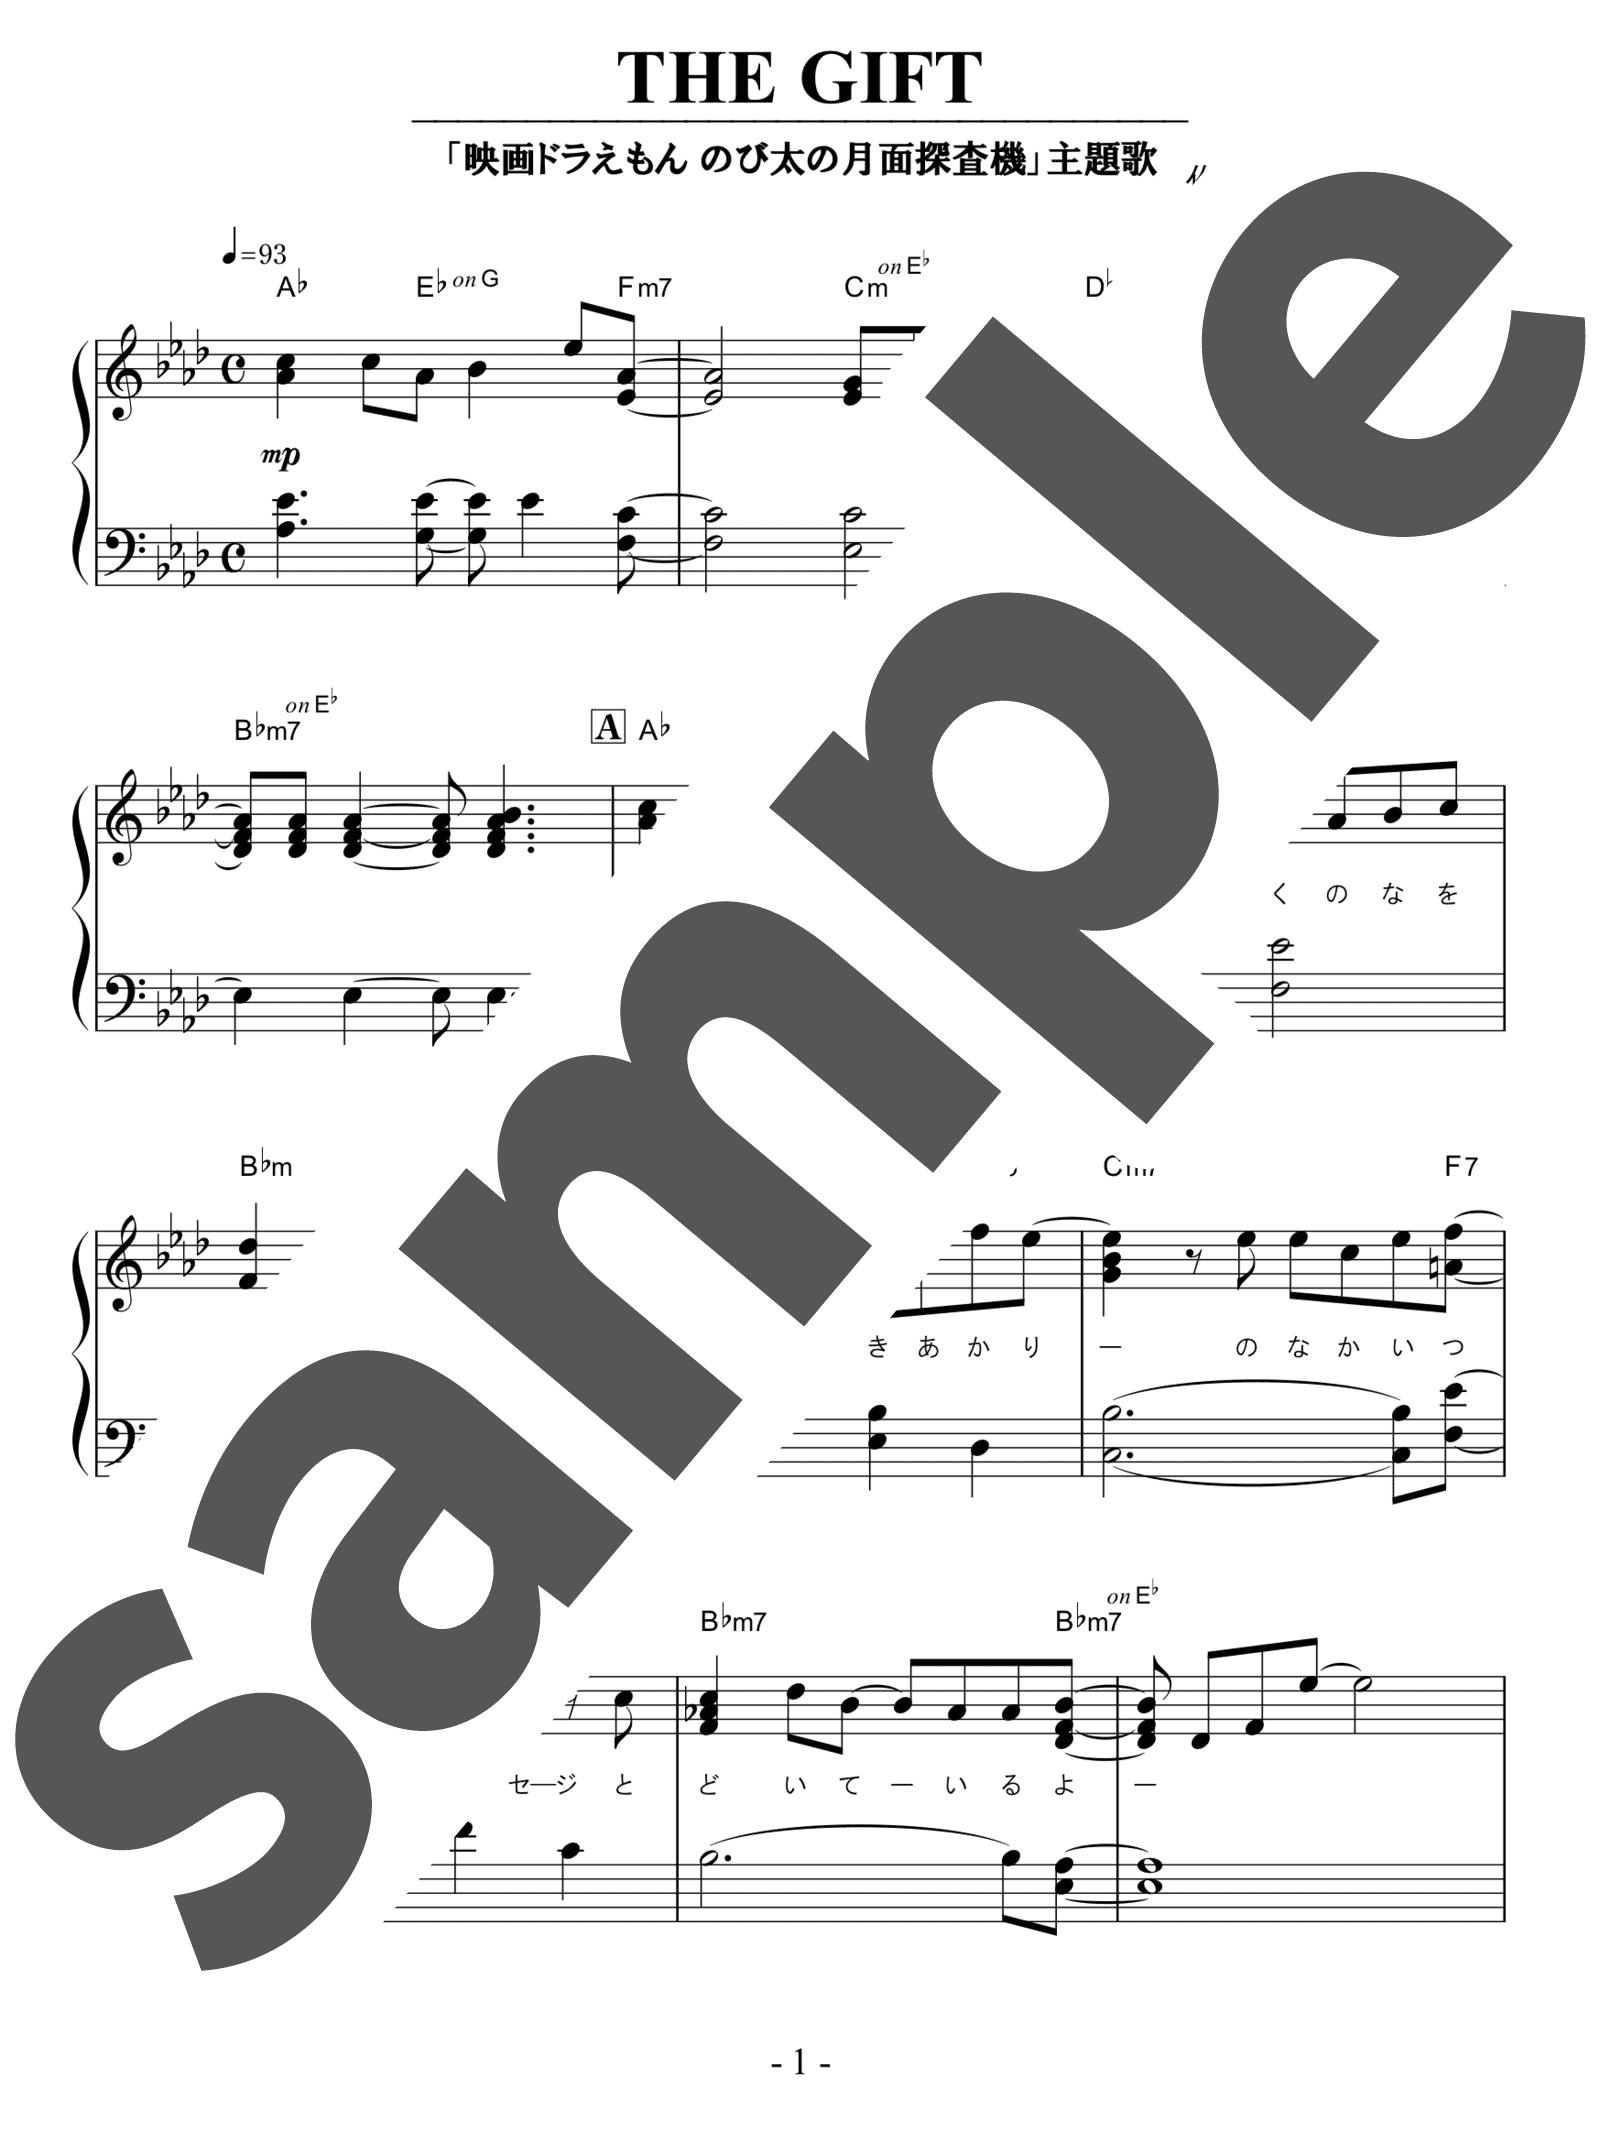 「THE GIFT」のサンプル楽譜